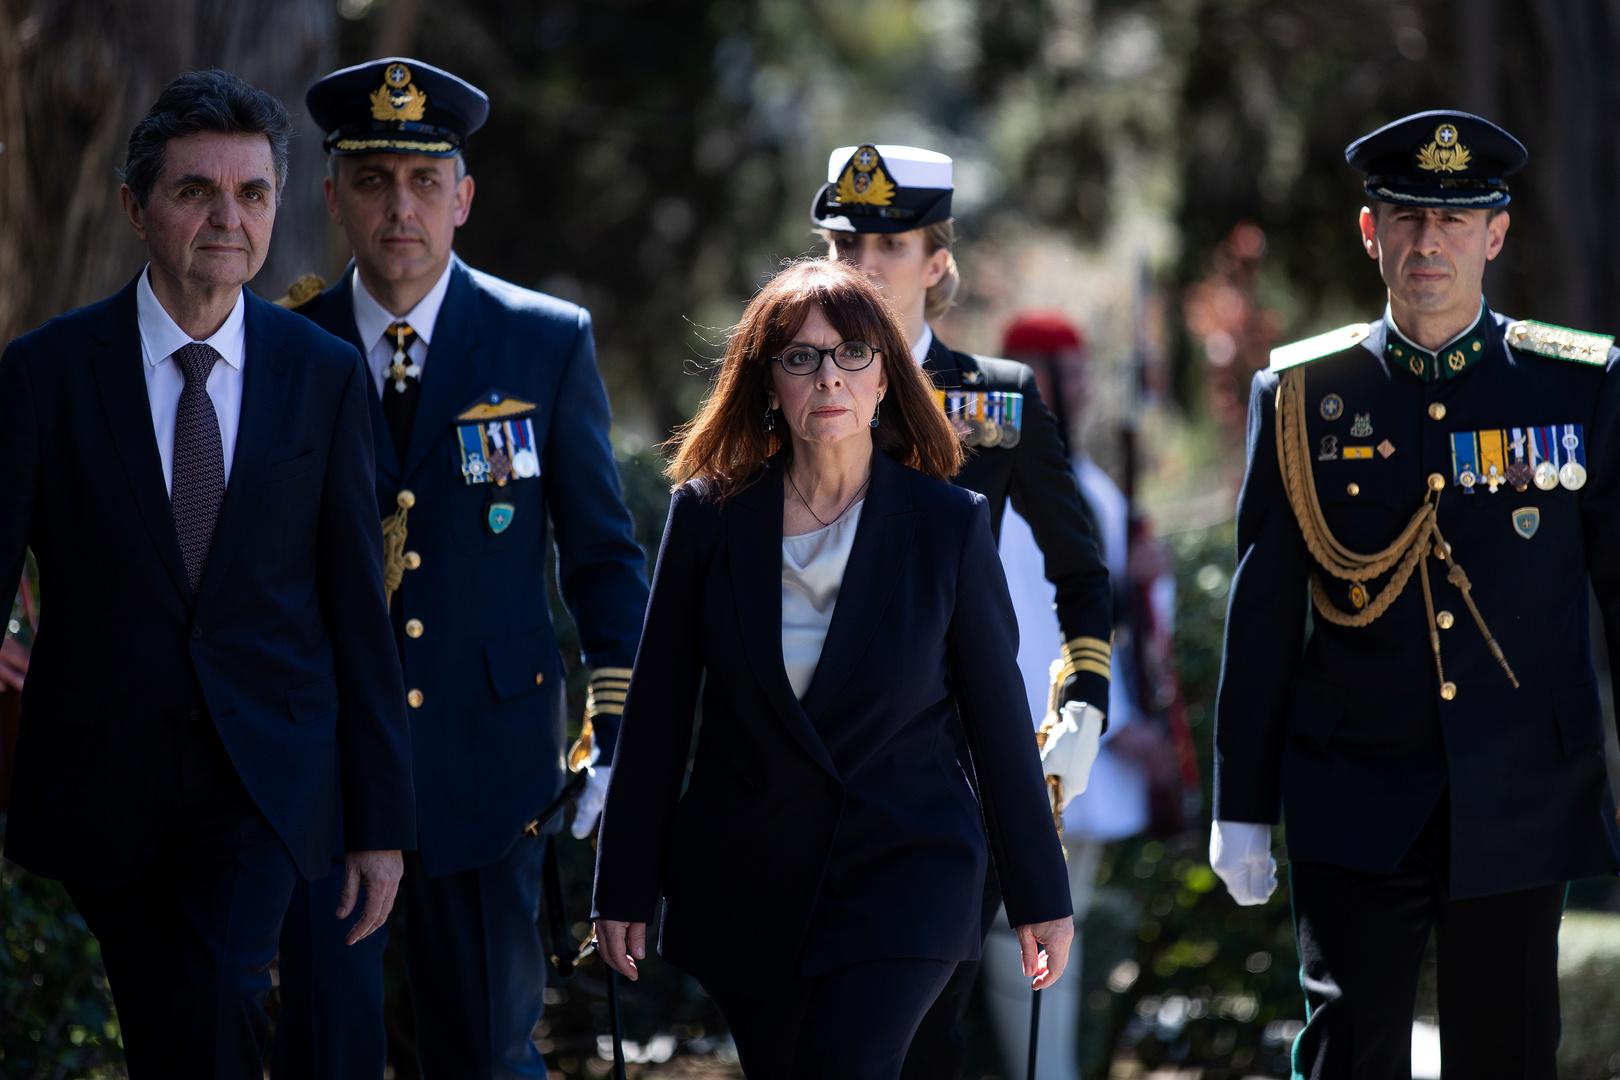 وسط التوتر.. رئيسة اليونان تزور جزيرة قريبة من سواحل تركيا